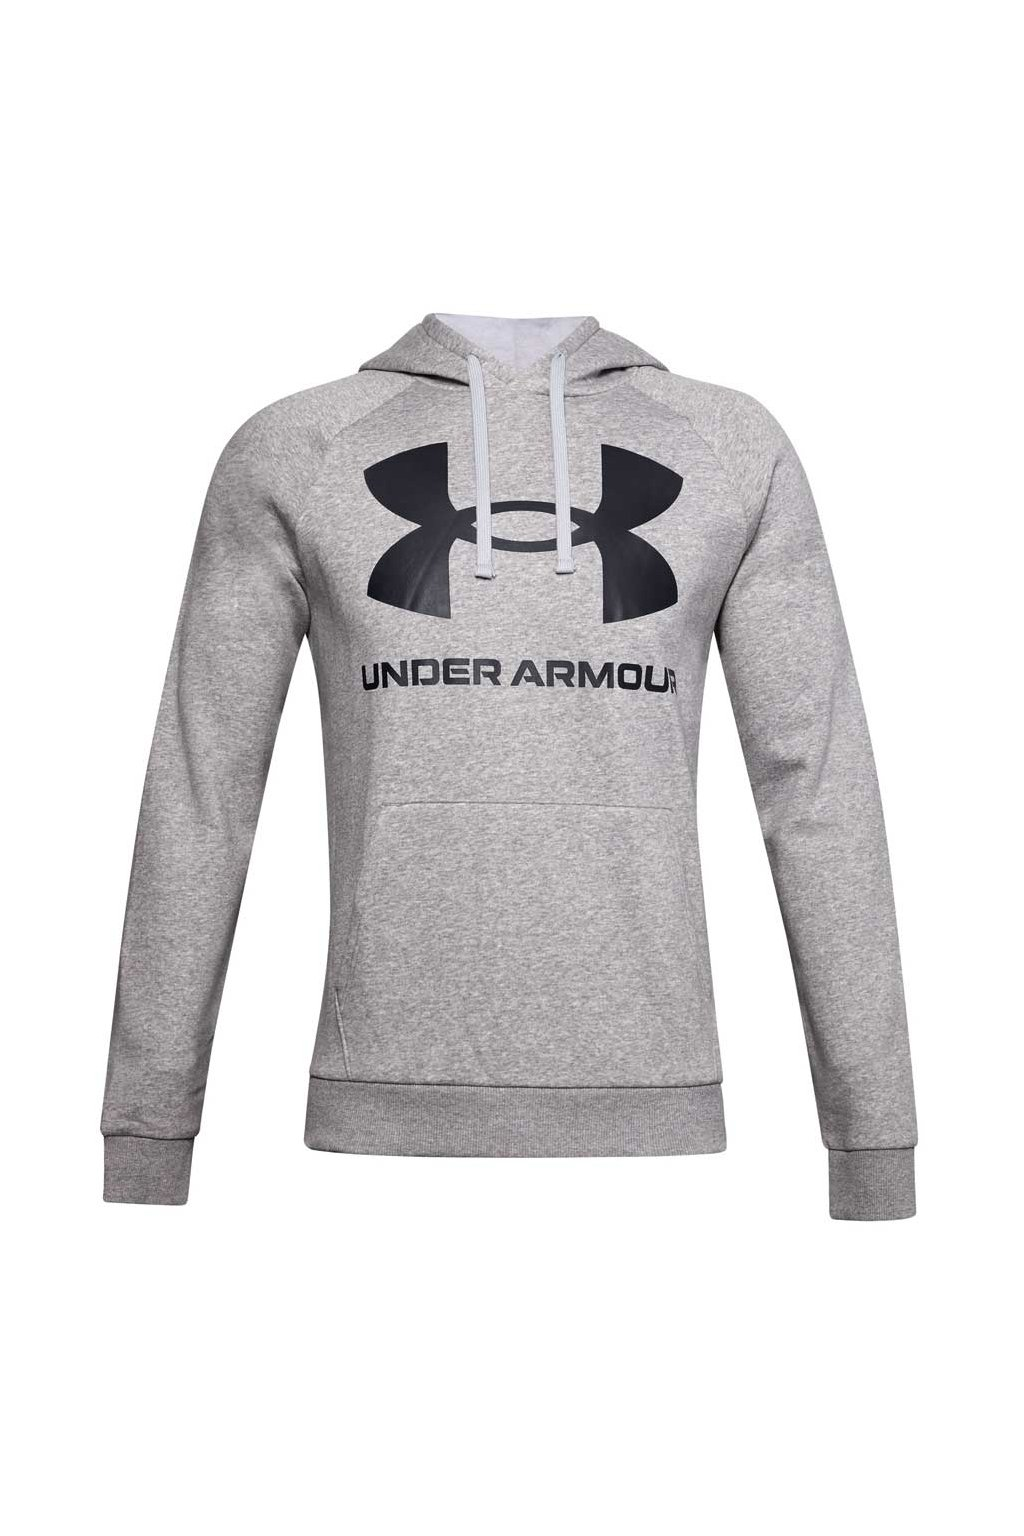 Pánska mikina Under Armour Rival Fleece Big Logo Hd sivá 1357093 011